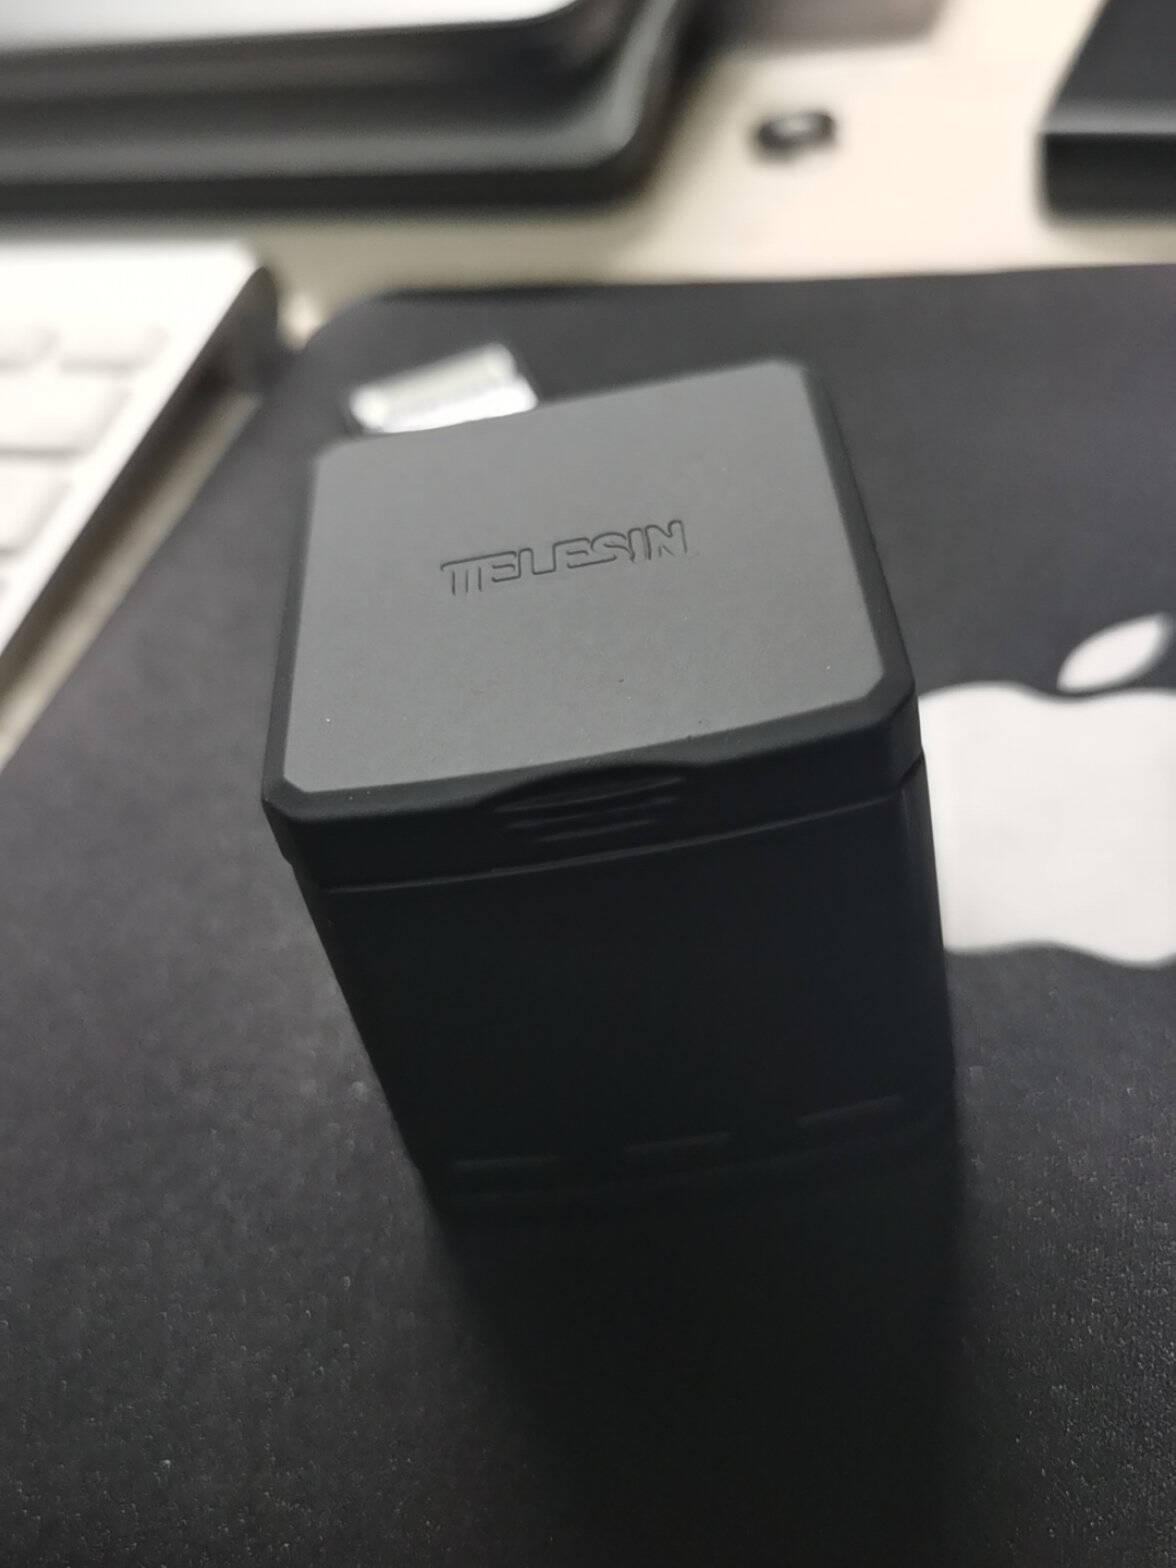 TELESINGopro98电池充电器HERO765配件三充两充多充收纳式充电盒套装【全解码+低温】gopro8收纳式两电一充